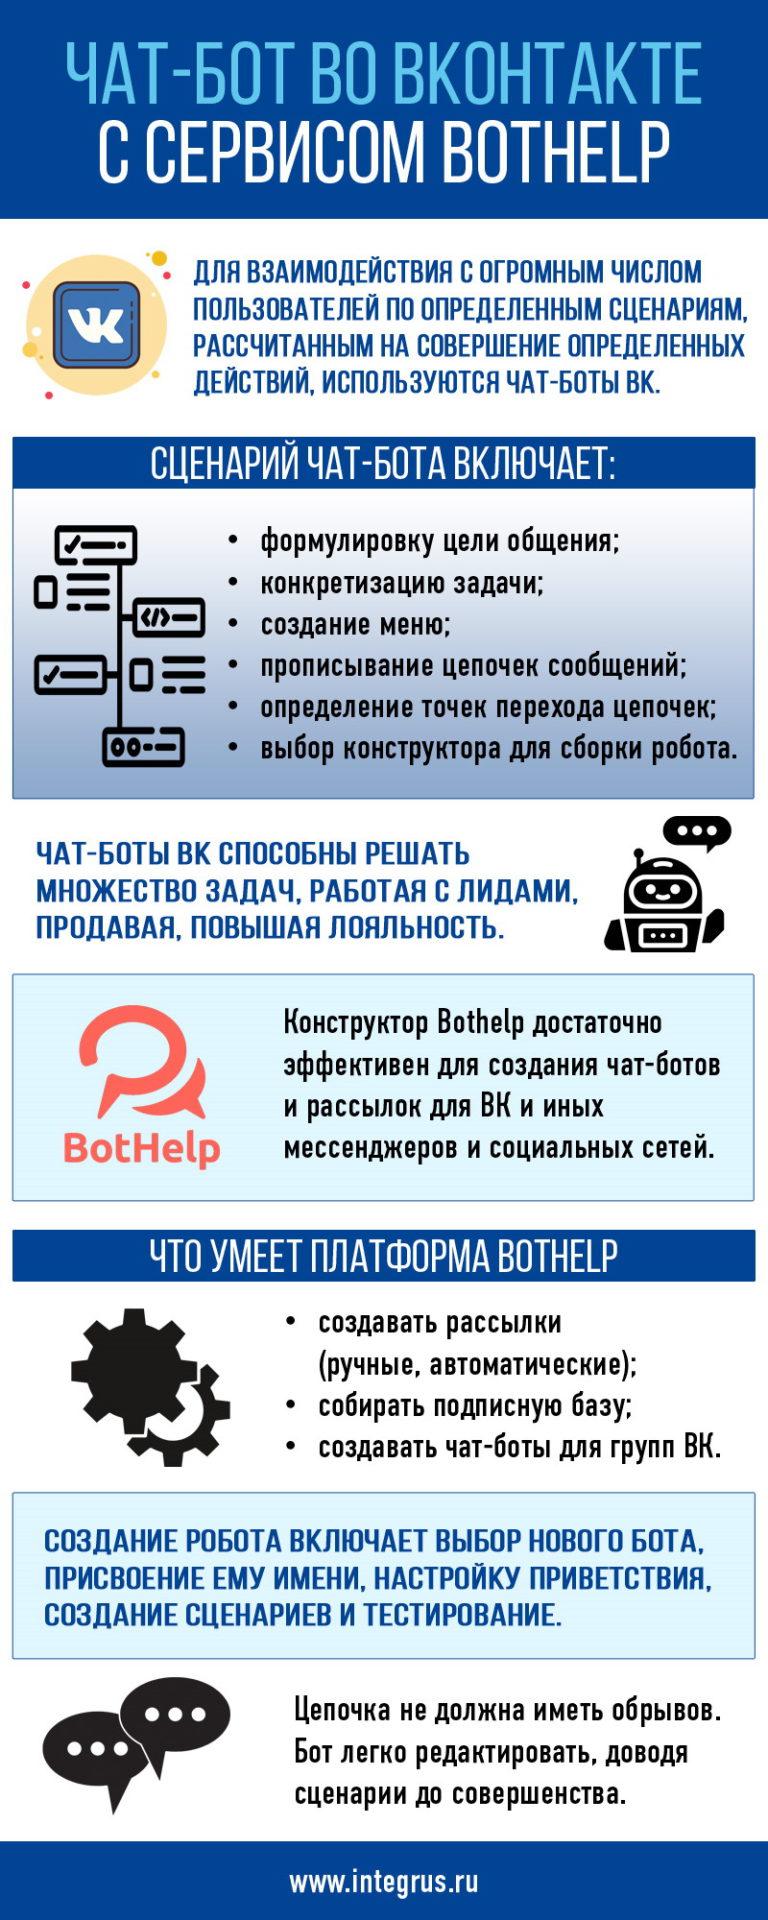 Чат-бот в VK через BotHelp